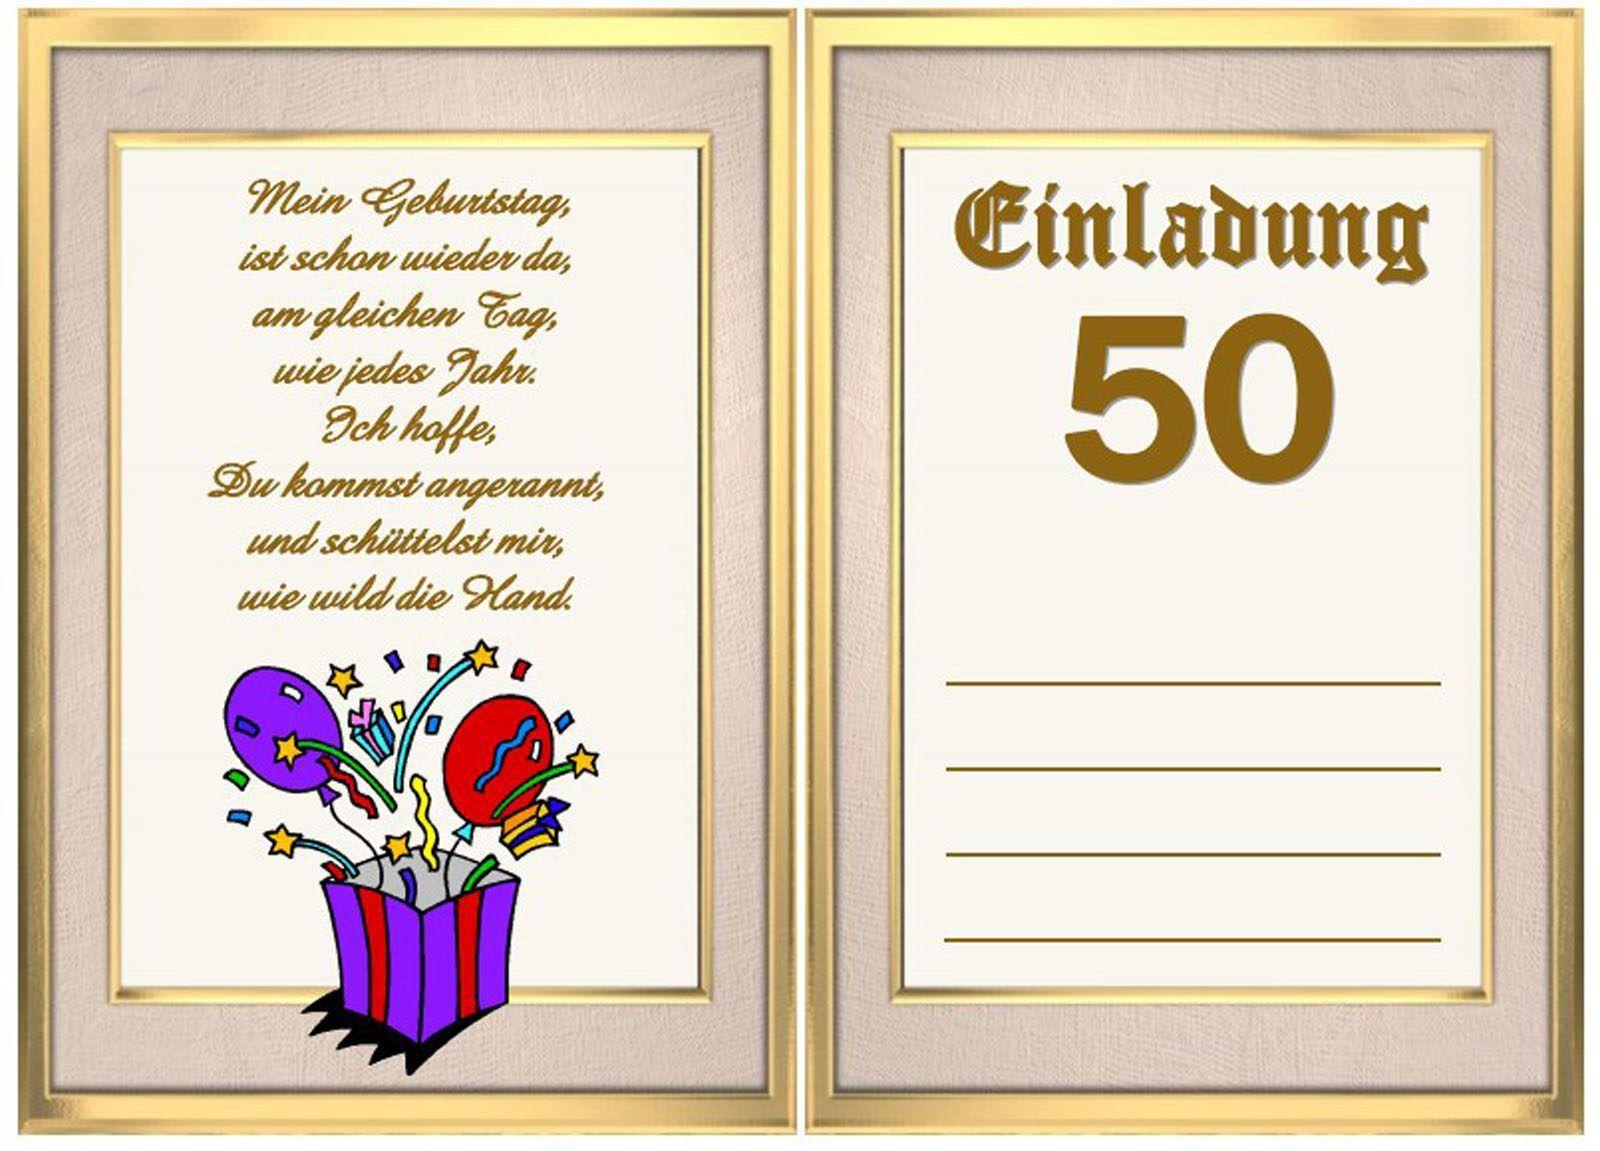 Einladungskarten Geburtstag : Einladungskarten Geburtstag 50   Online  Einladungskarten   Online Einladungskarten